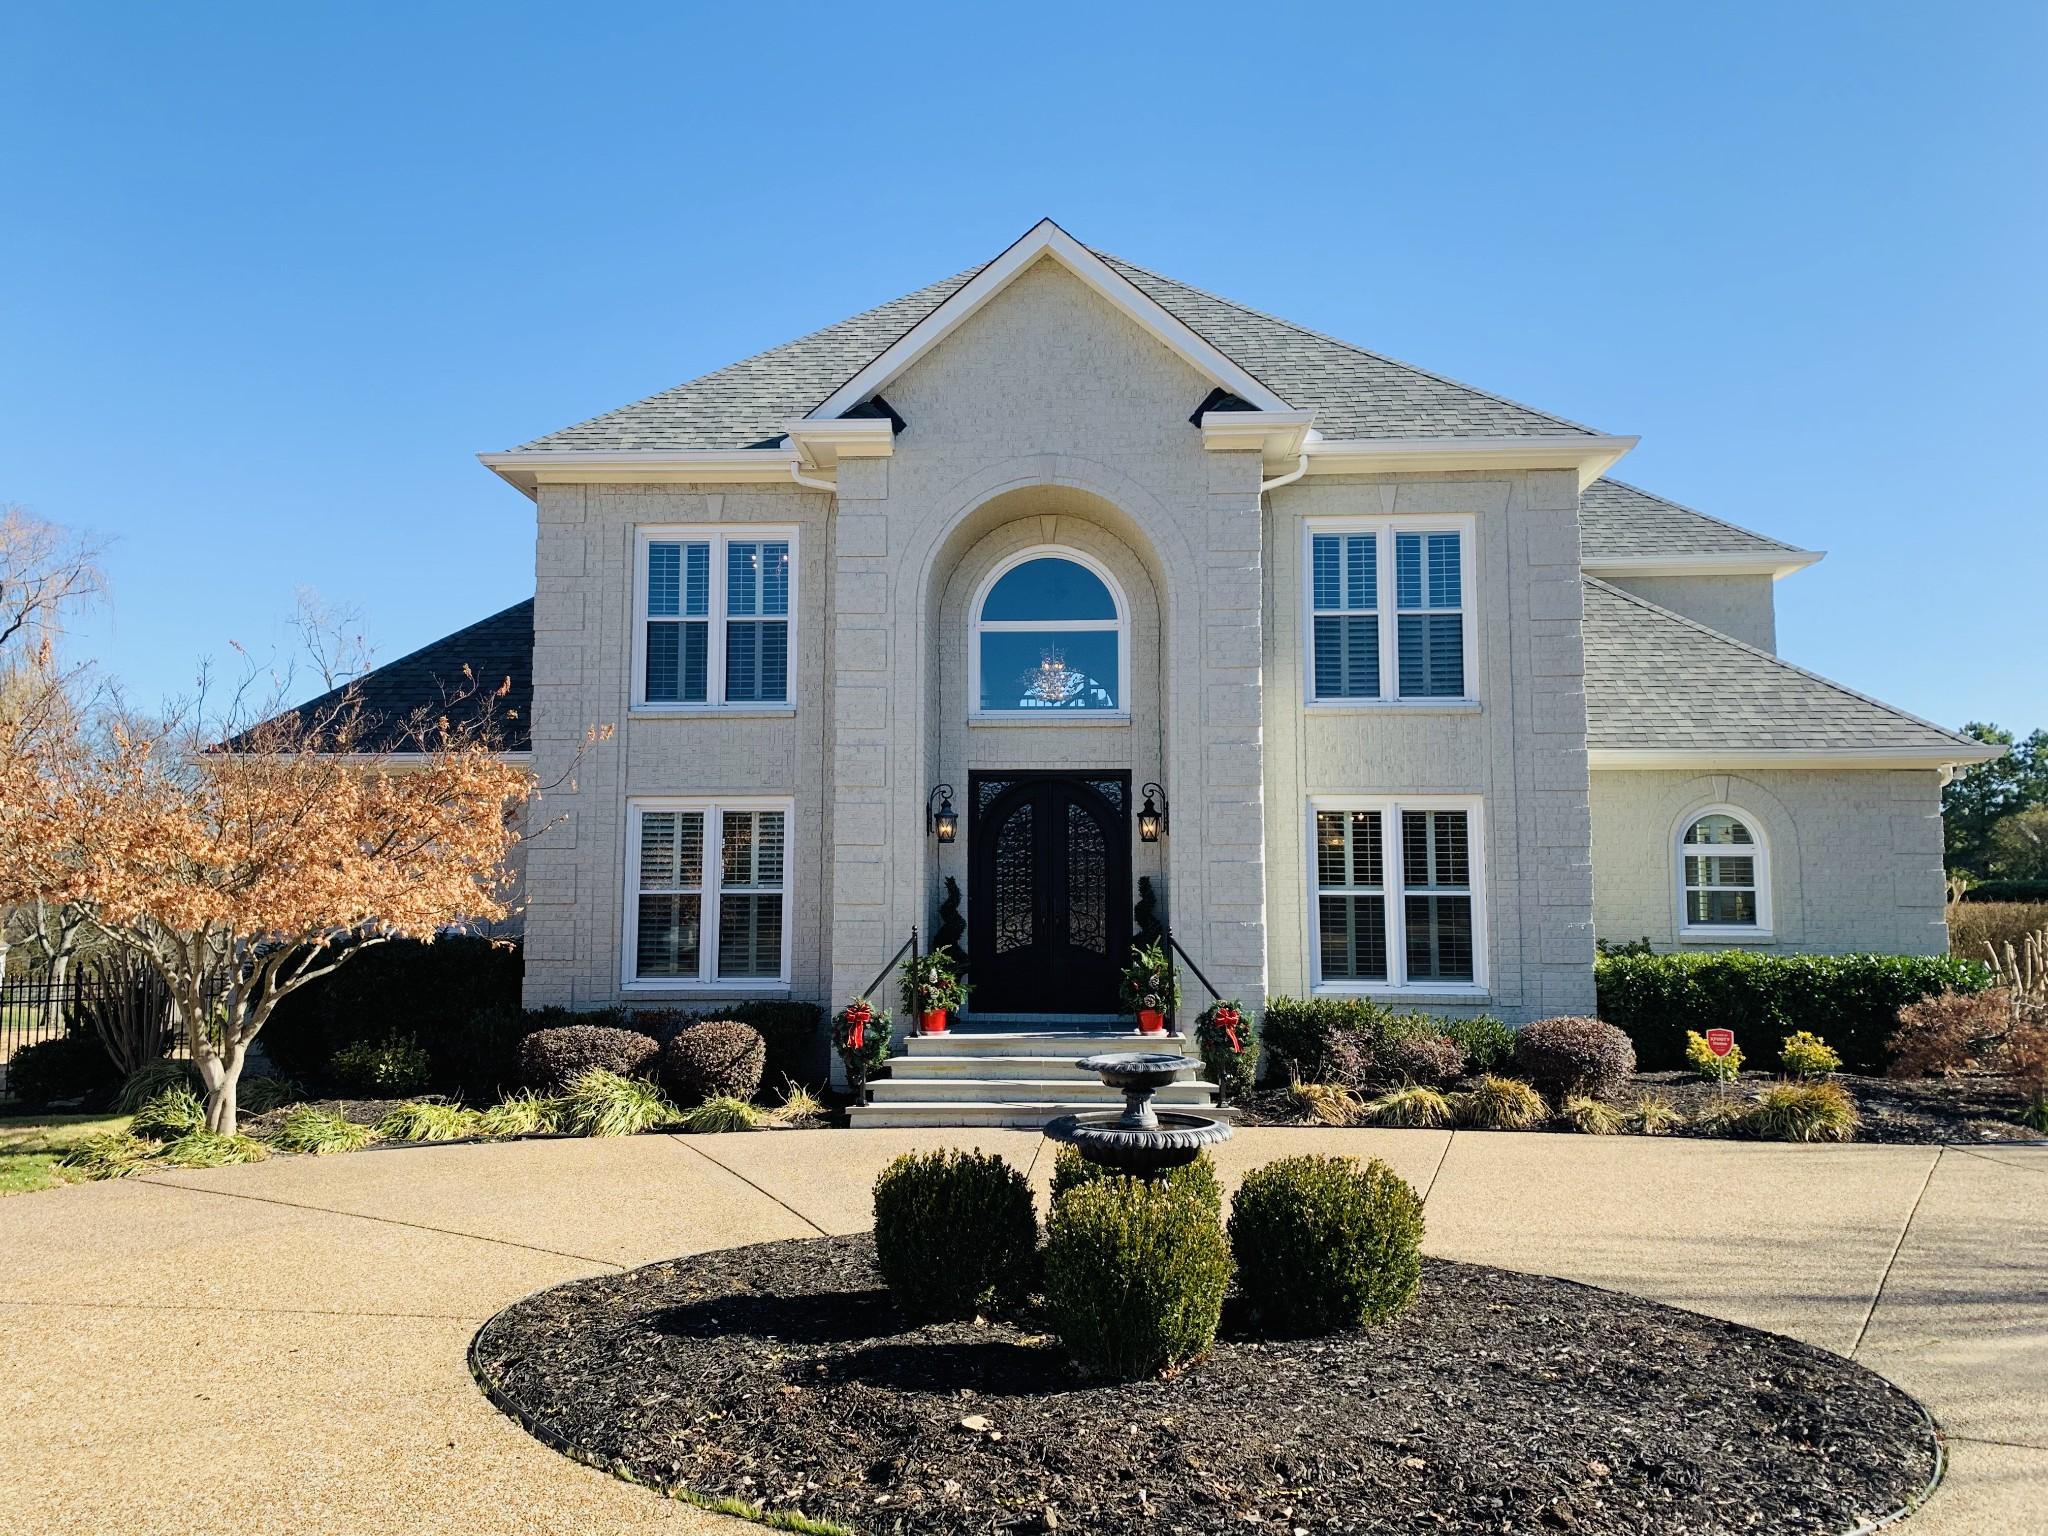 108 Riva Rdg, Hendersonville, TN 37075 - Hendersonville, TN real estate listing